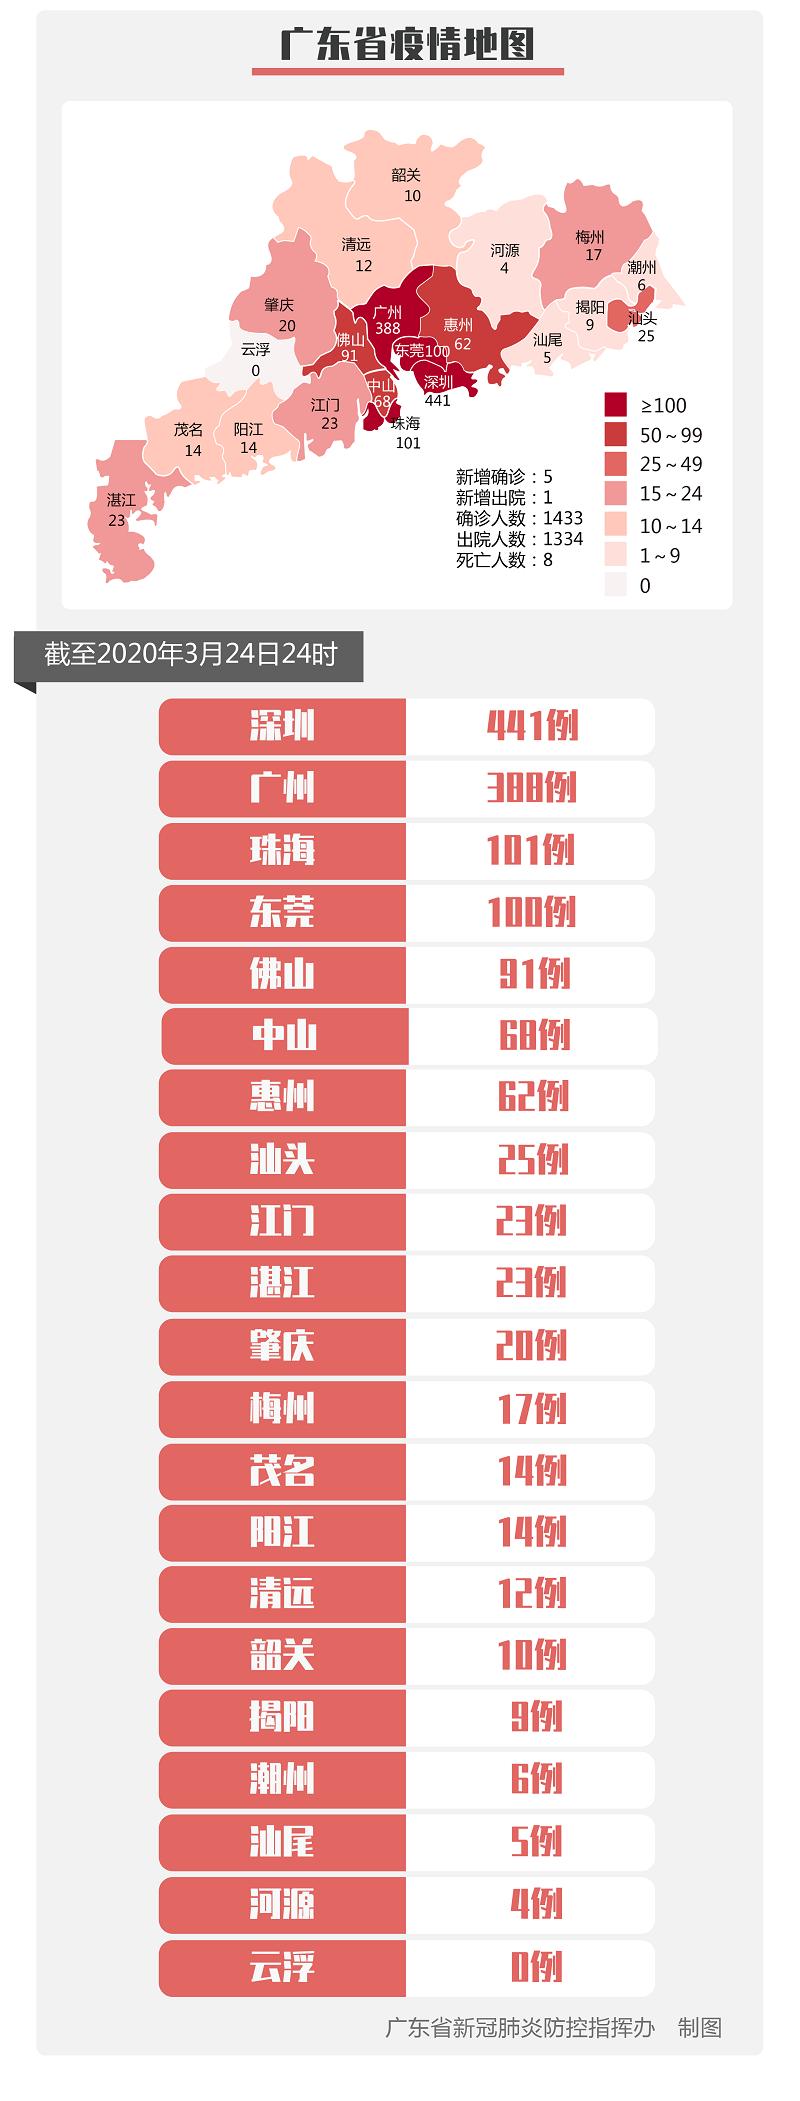 3月24日广东新型冠状病毒感染肺炎疫情 新增确诊5例 累计1433例